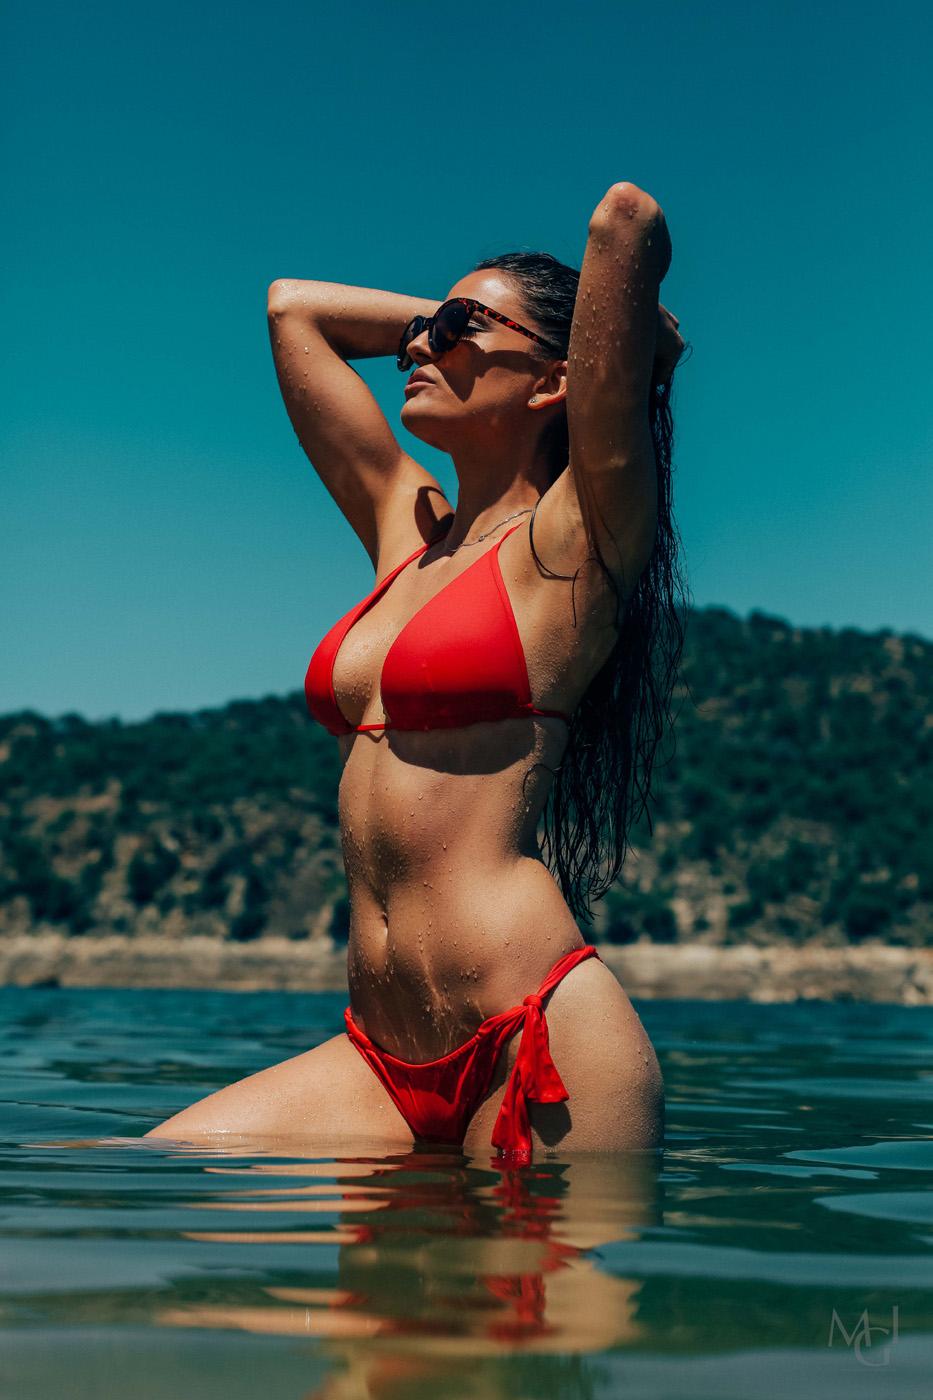 Model: Rocio Nieto